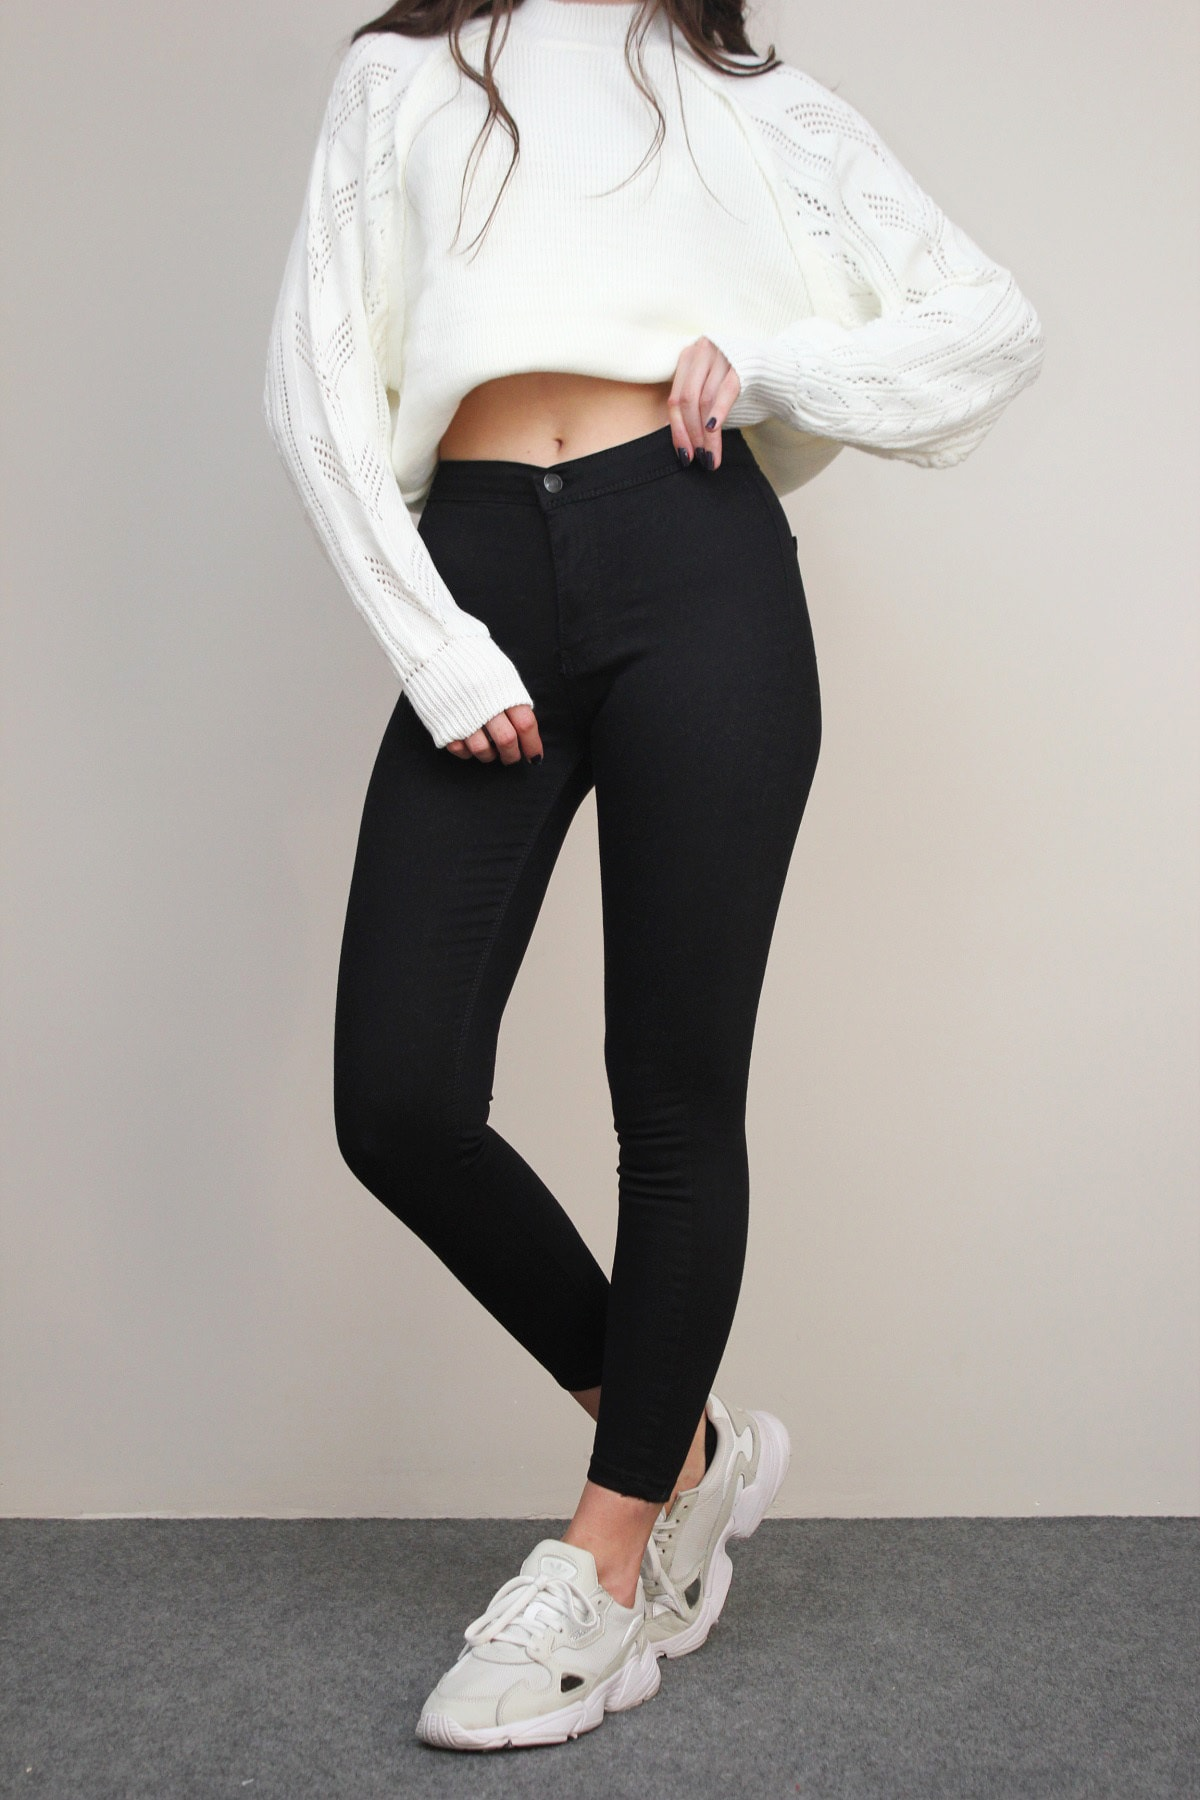 Amazoons Kadın Siyah Solmayan Yüksel Bel Likralı Toparlayıcı Skinny Jeans Pantalon 1